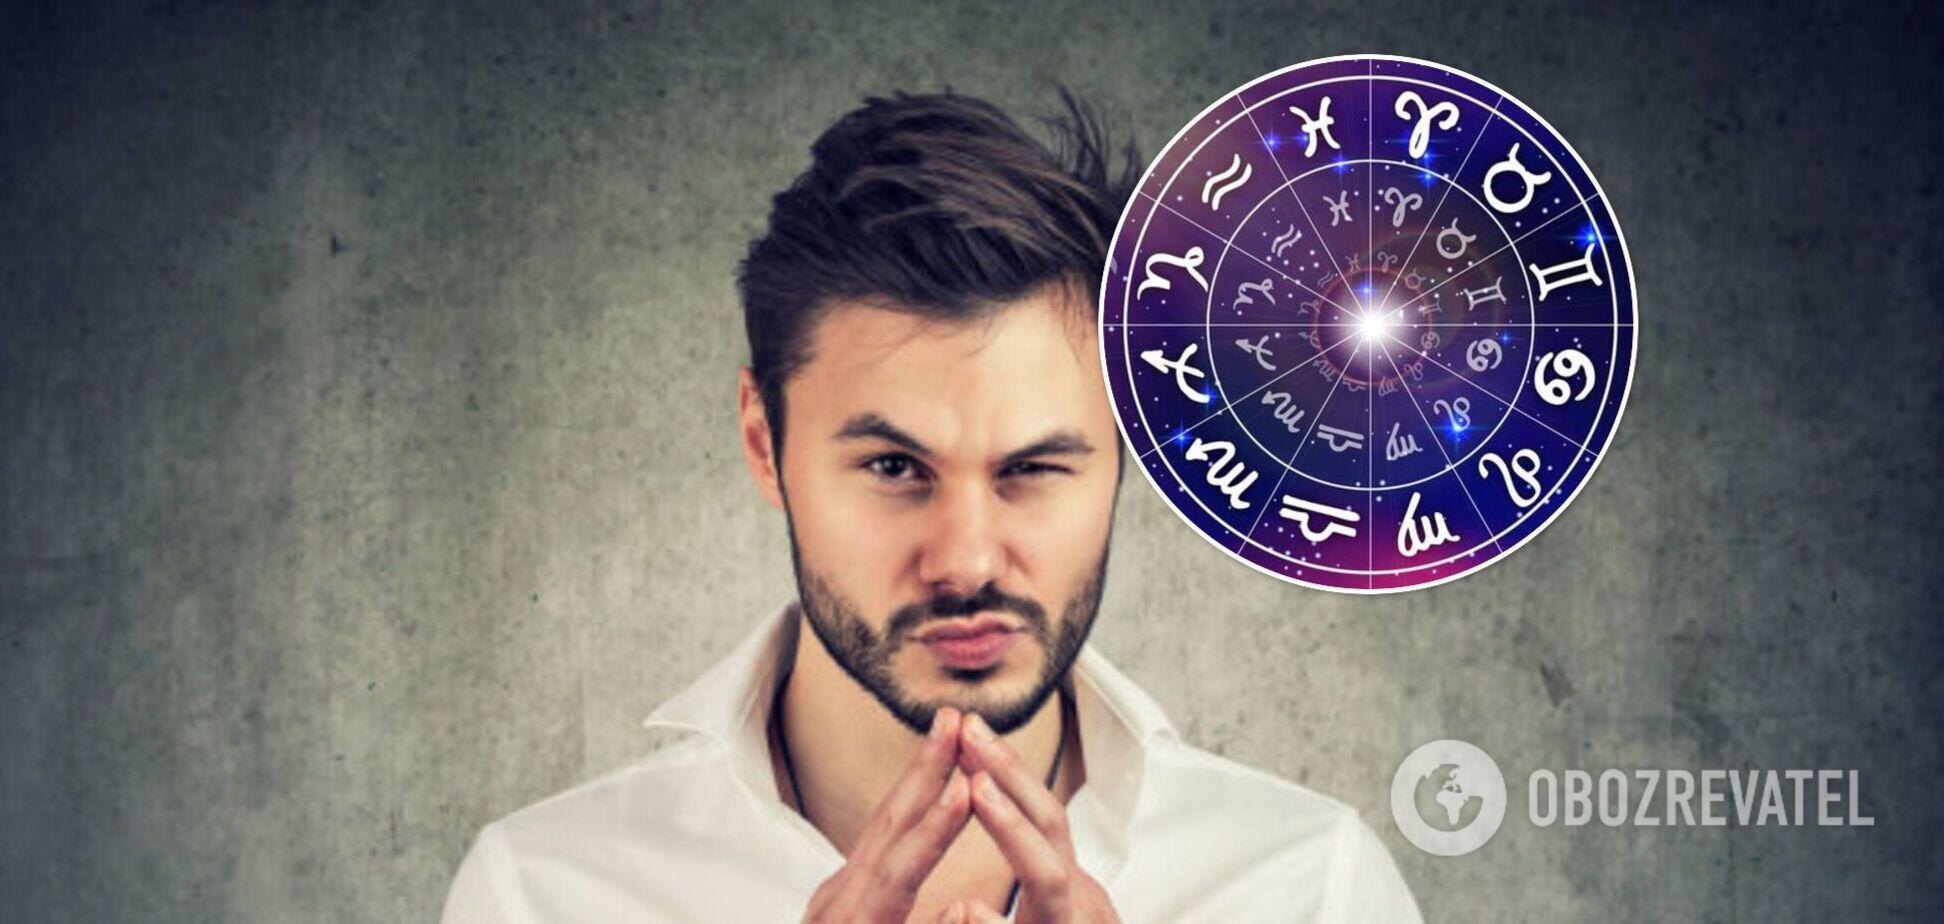 Чотири найхитріші знаки зодіаку: можуть отримати вигоду з будь-якої ситуації